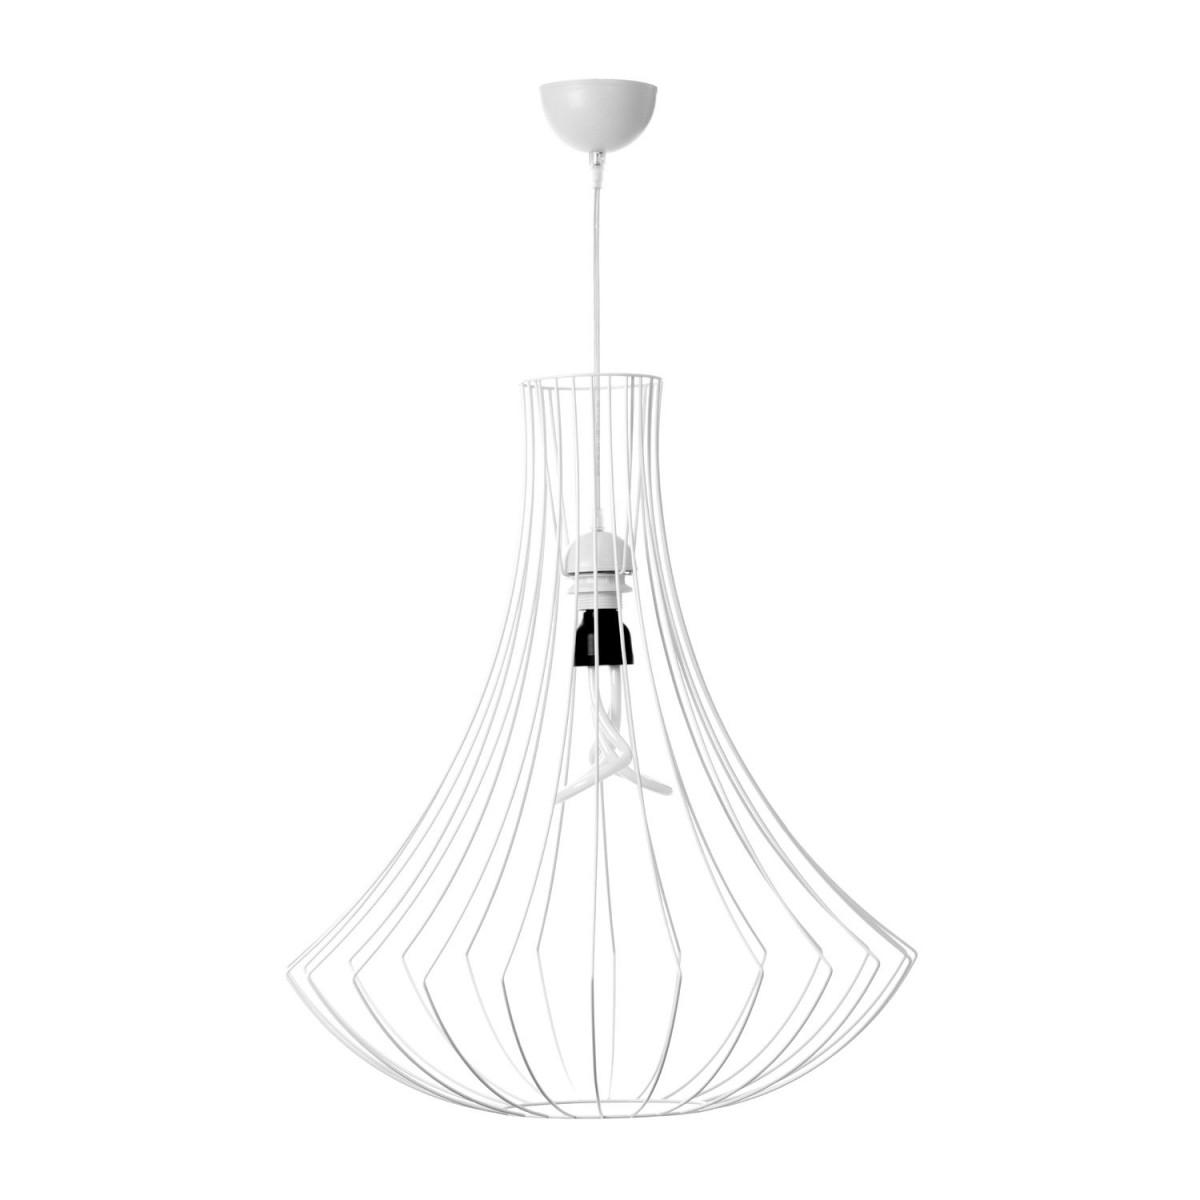 Lampe Hängelampe Metall Gold Stäbe Hängeleuchte Wohnzimmer Schlafzimmer Weiß von Wohnzimmer Lampe Weiß Bild